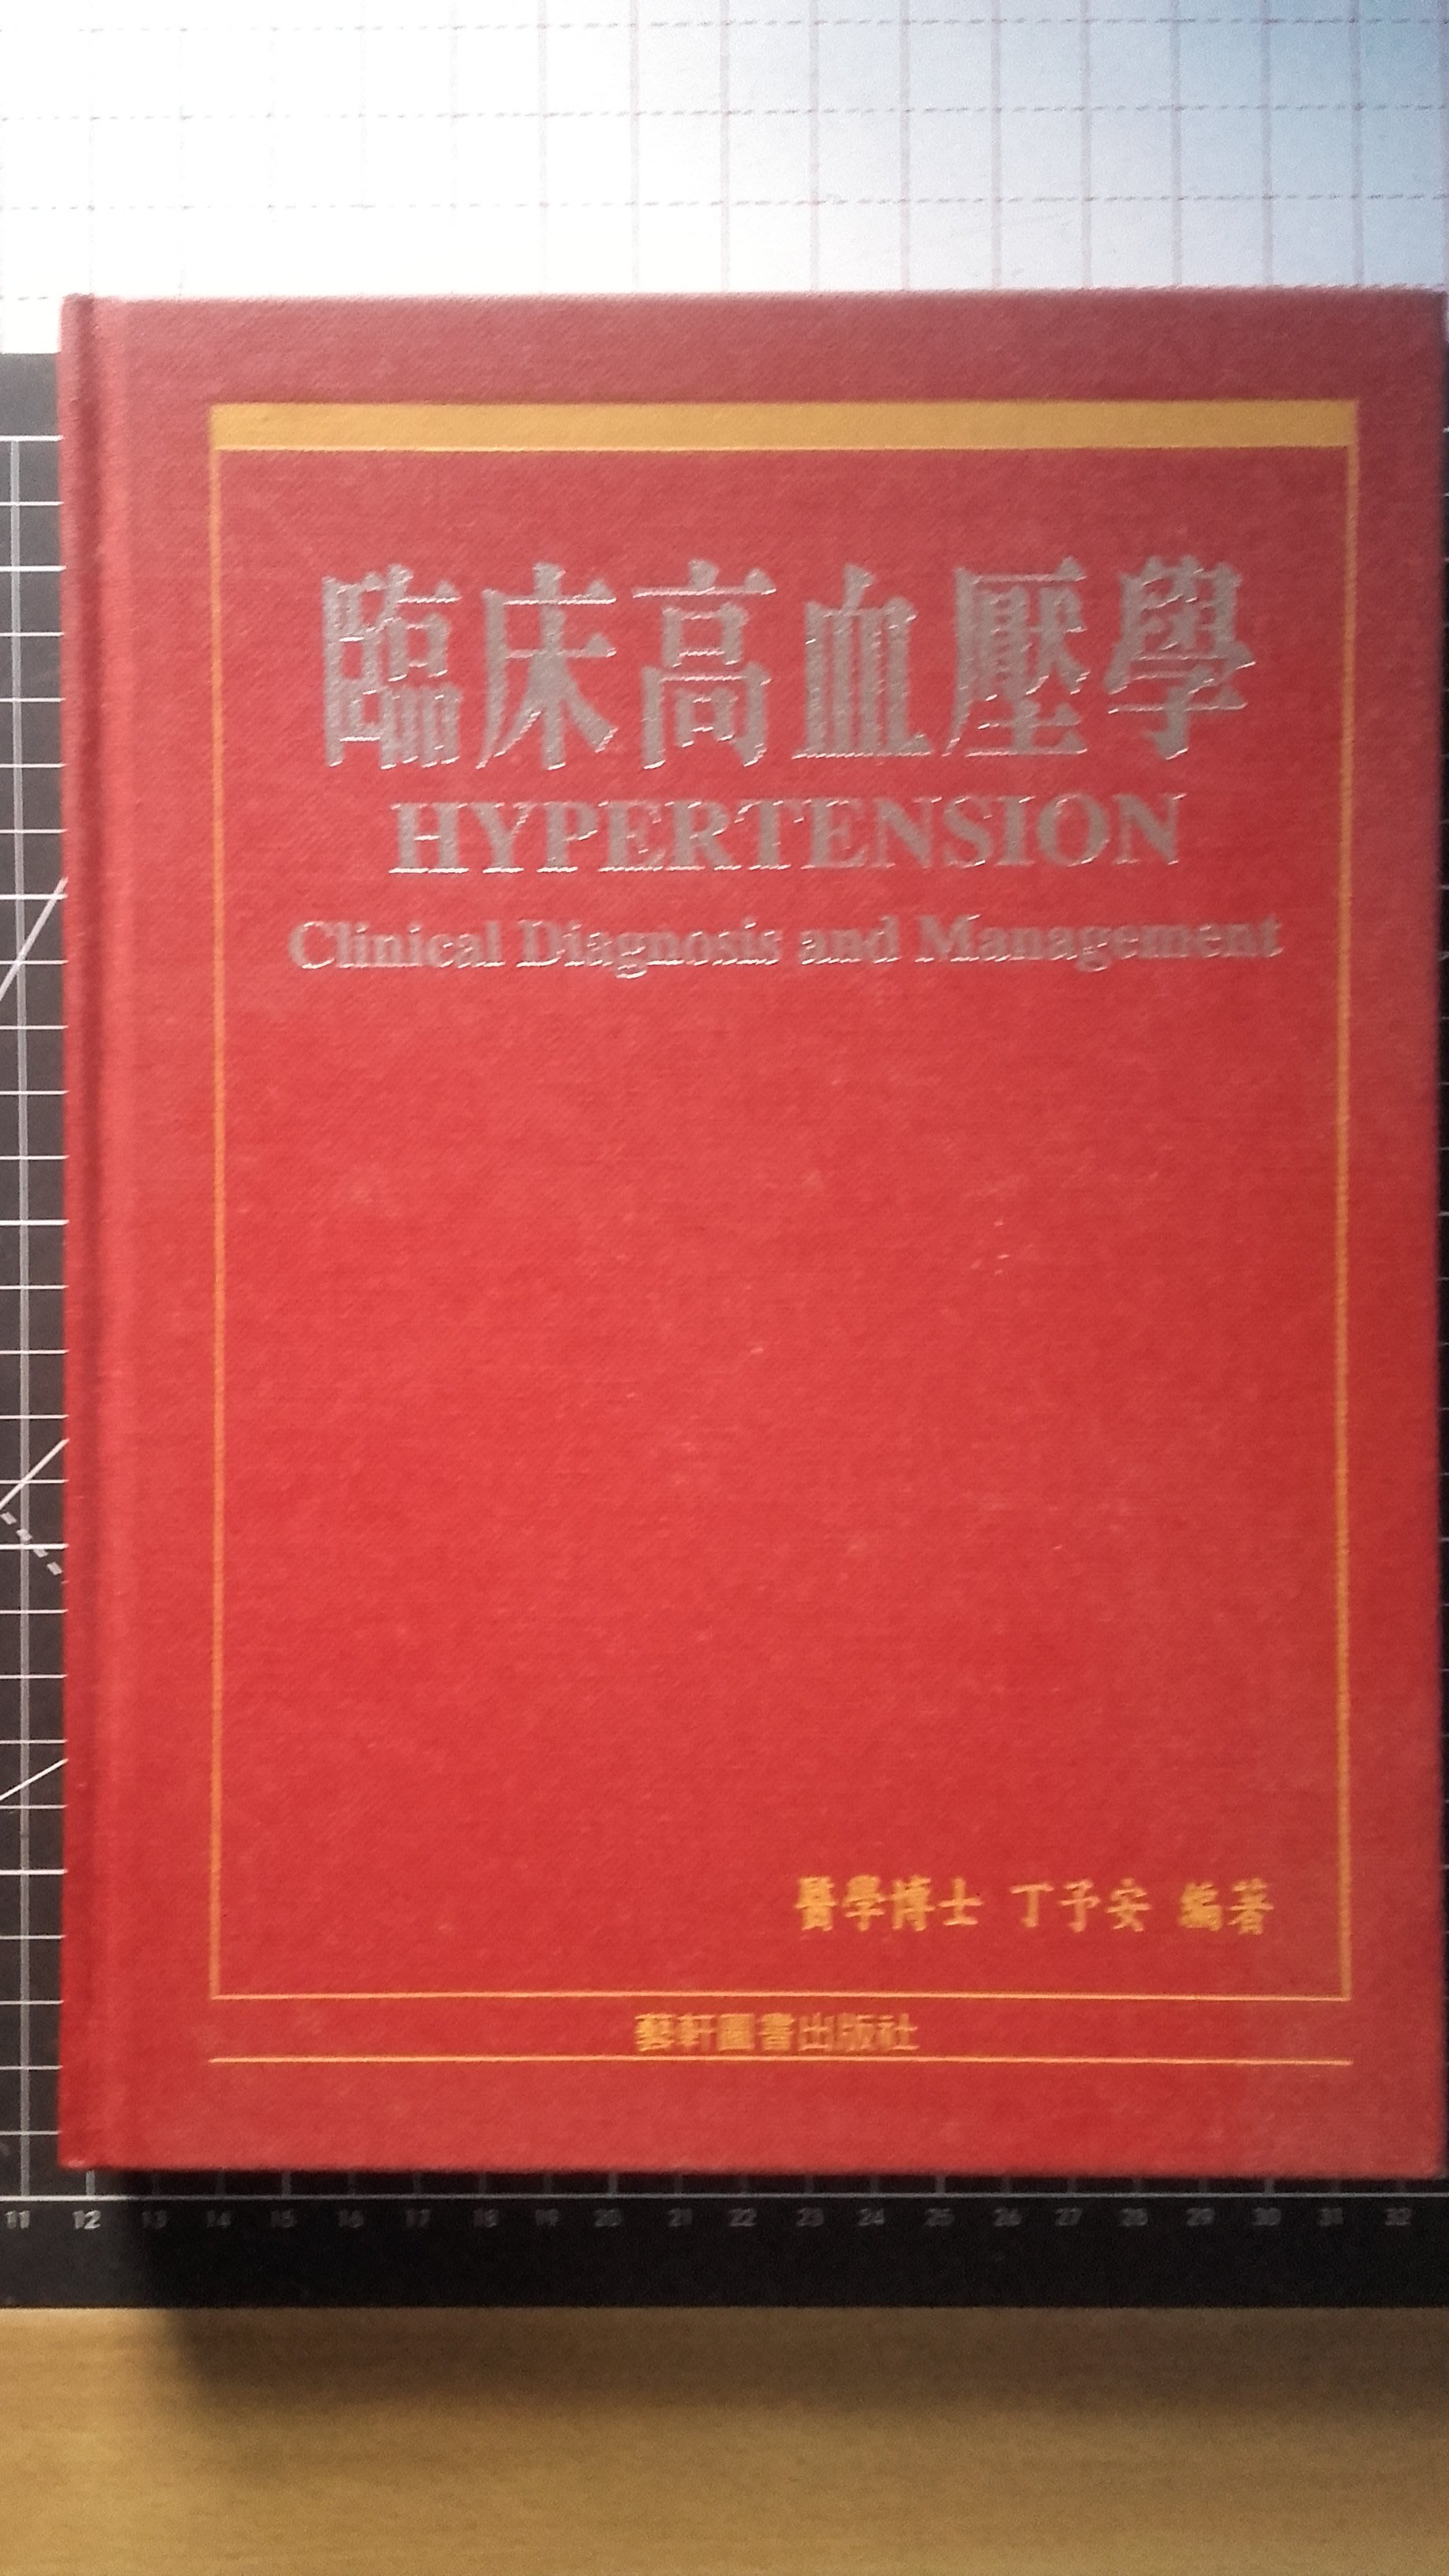 臨床高血壓學Hypertension clinical diagnosis and management醫學博士丁予安著